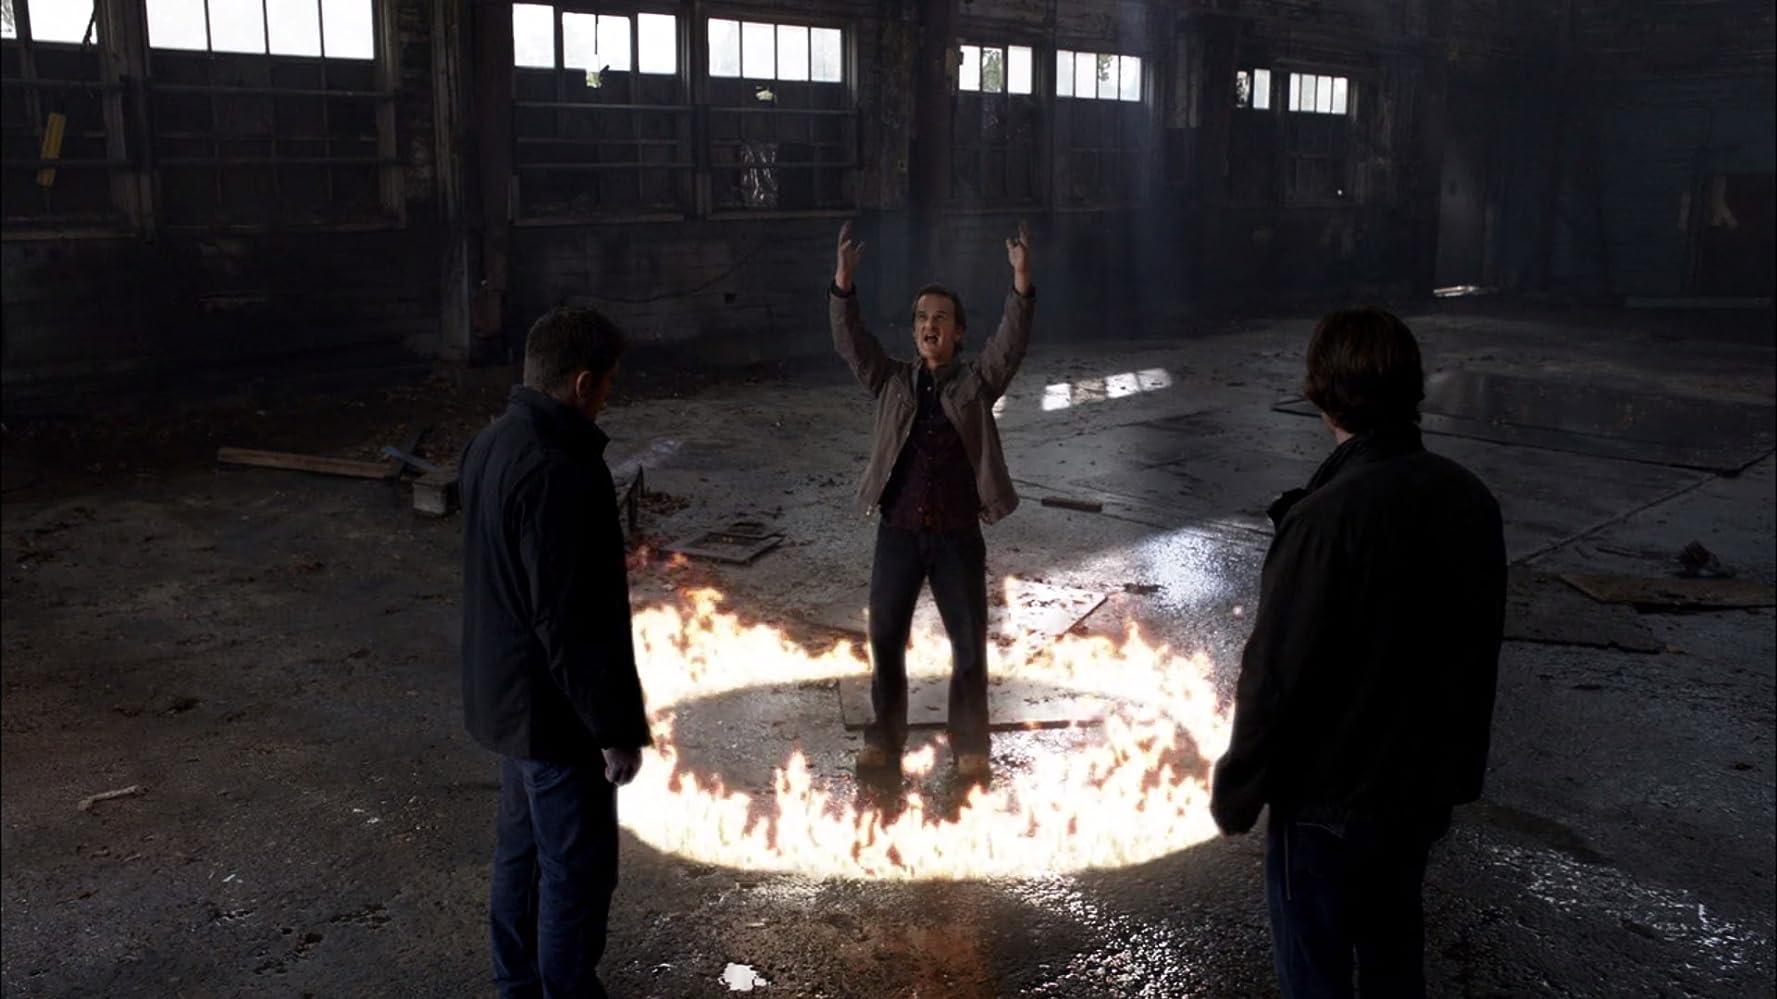 Jensen Ackles, Jared Padalecki, and Richard Speight Jr. in Supernatural (2005)